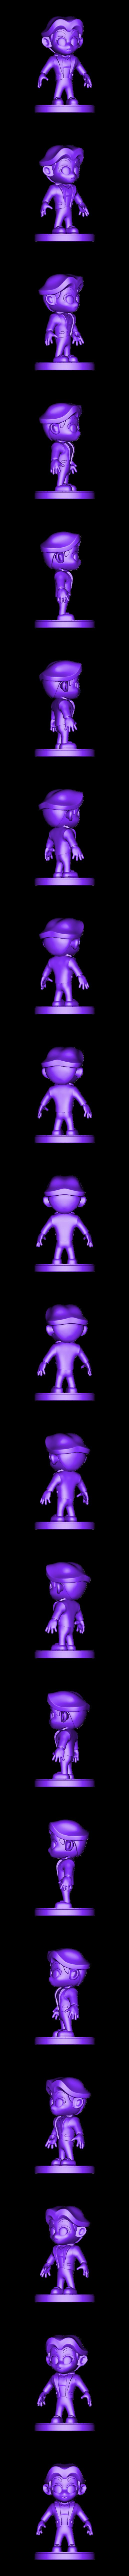 bts.stl Descargar archivo STL BTS chibi • Plan para la impresión en 3D, MatteoMoscatelli